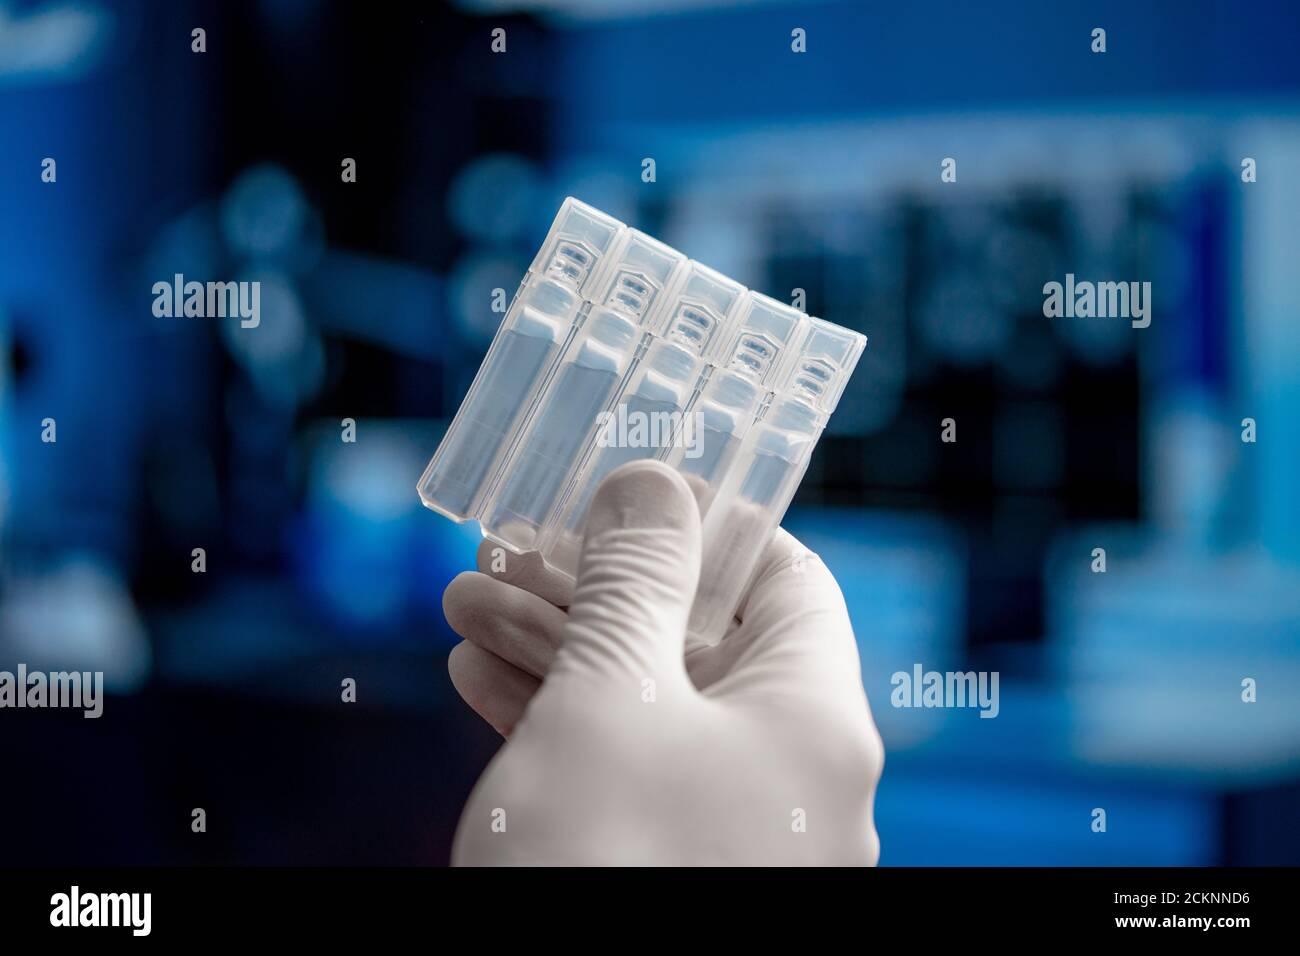 Médecin ou scientifique qui a un vaccin contre le coronavirus du SRAS, 2019-nCoV. Recherche sur les vaccins et médecine essai clinique en laboratoire moderne. Prévention, I Banque D'Images